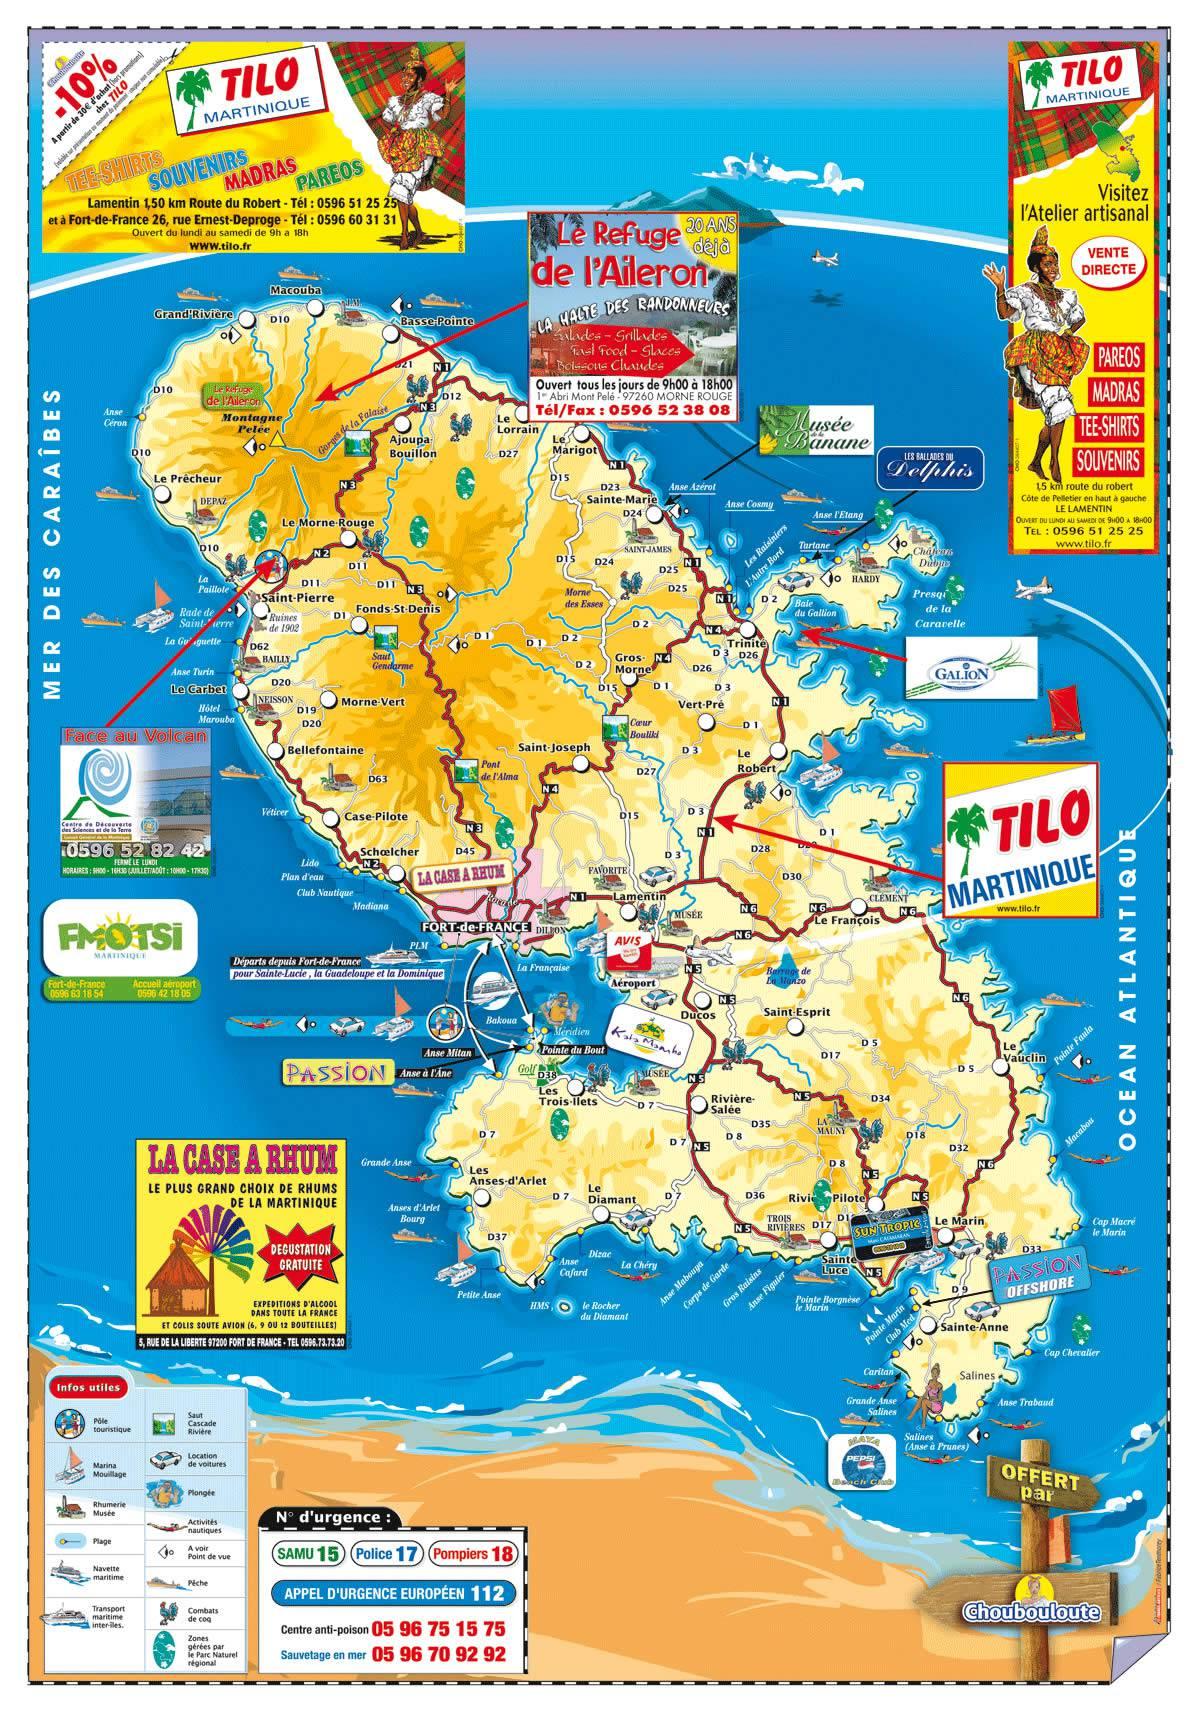 Carte de la Martinique   Découvrir les villes, le relief, les